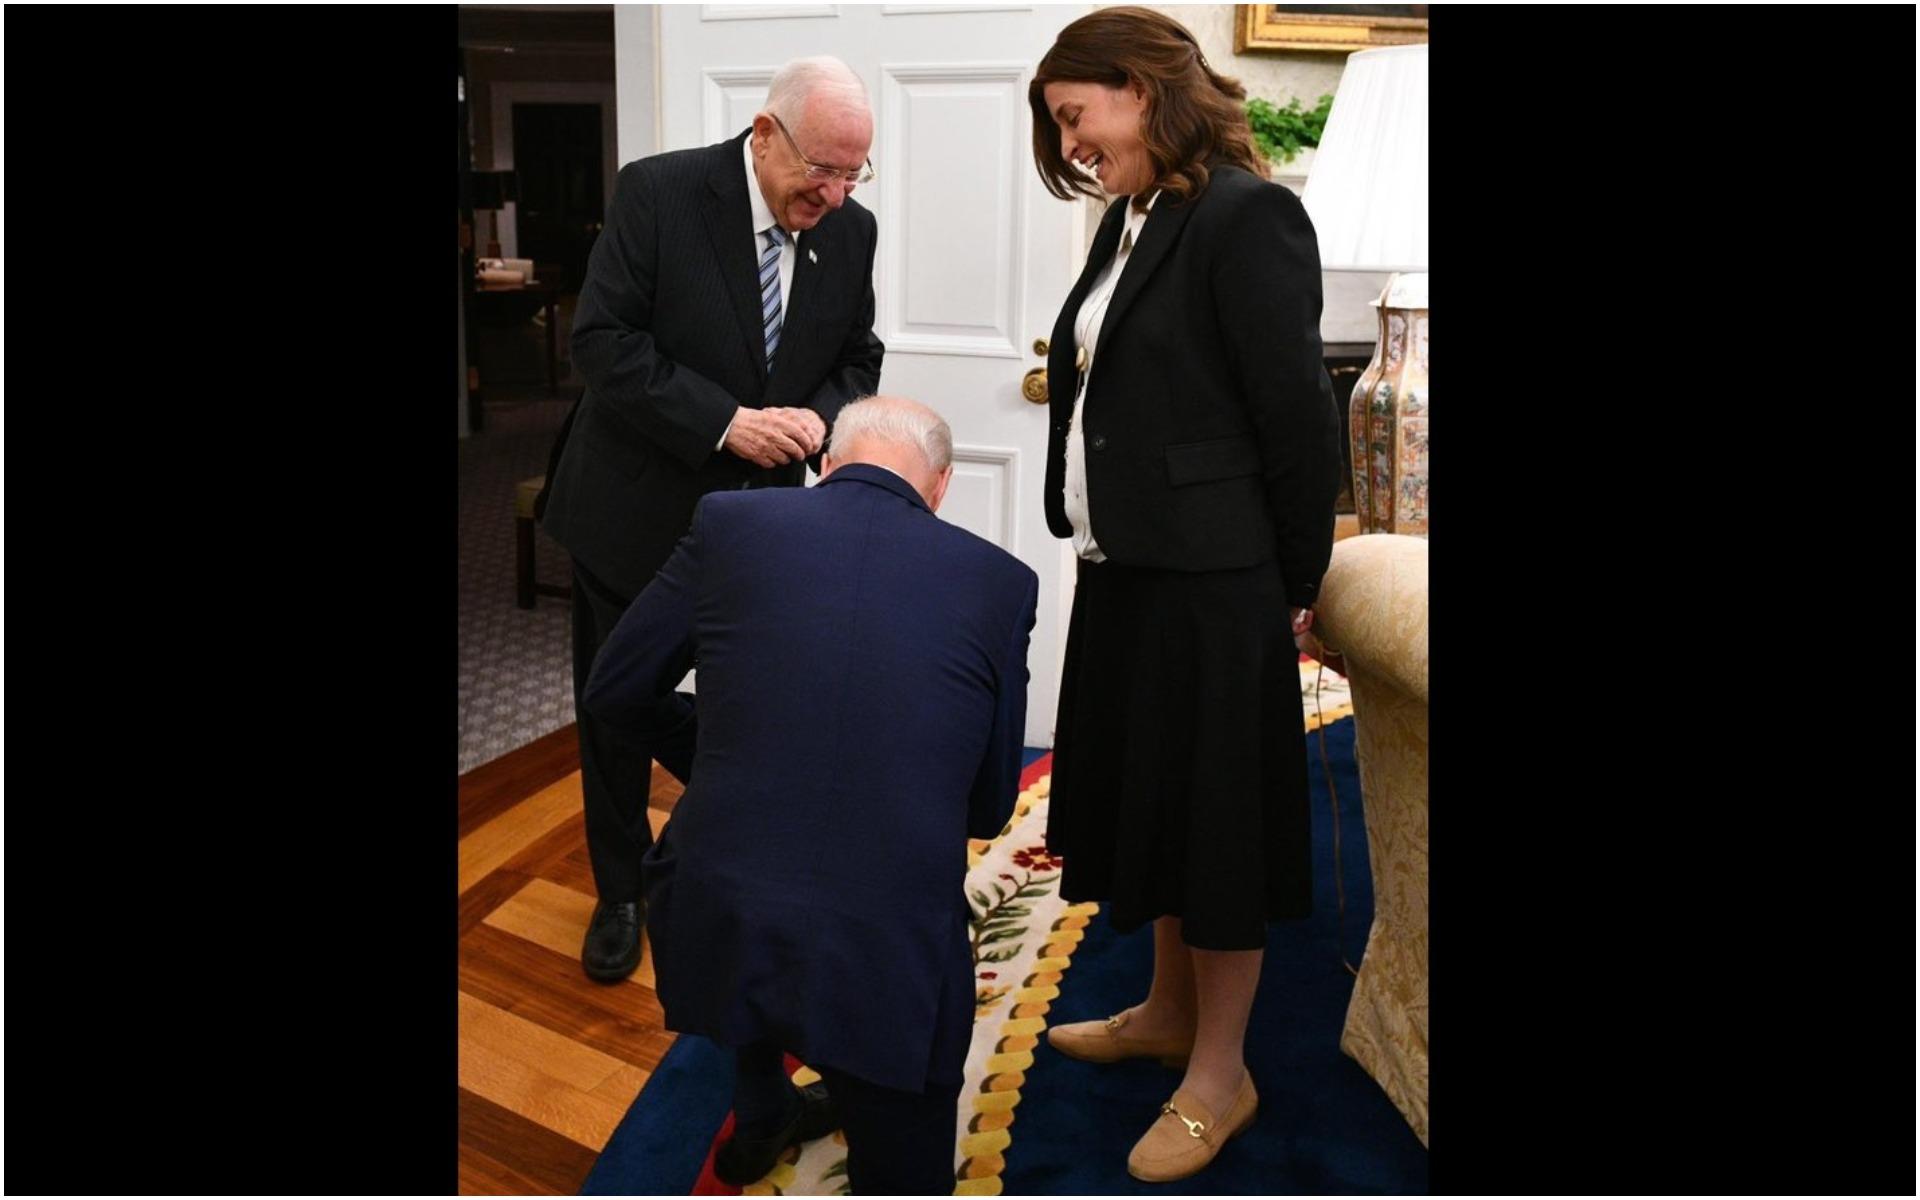 Joe Biden 12 çocuklu Genelkurmay Başkanı önünde diz çöktü